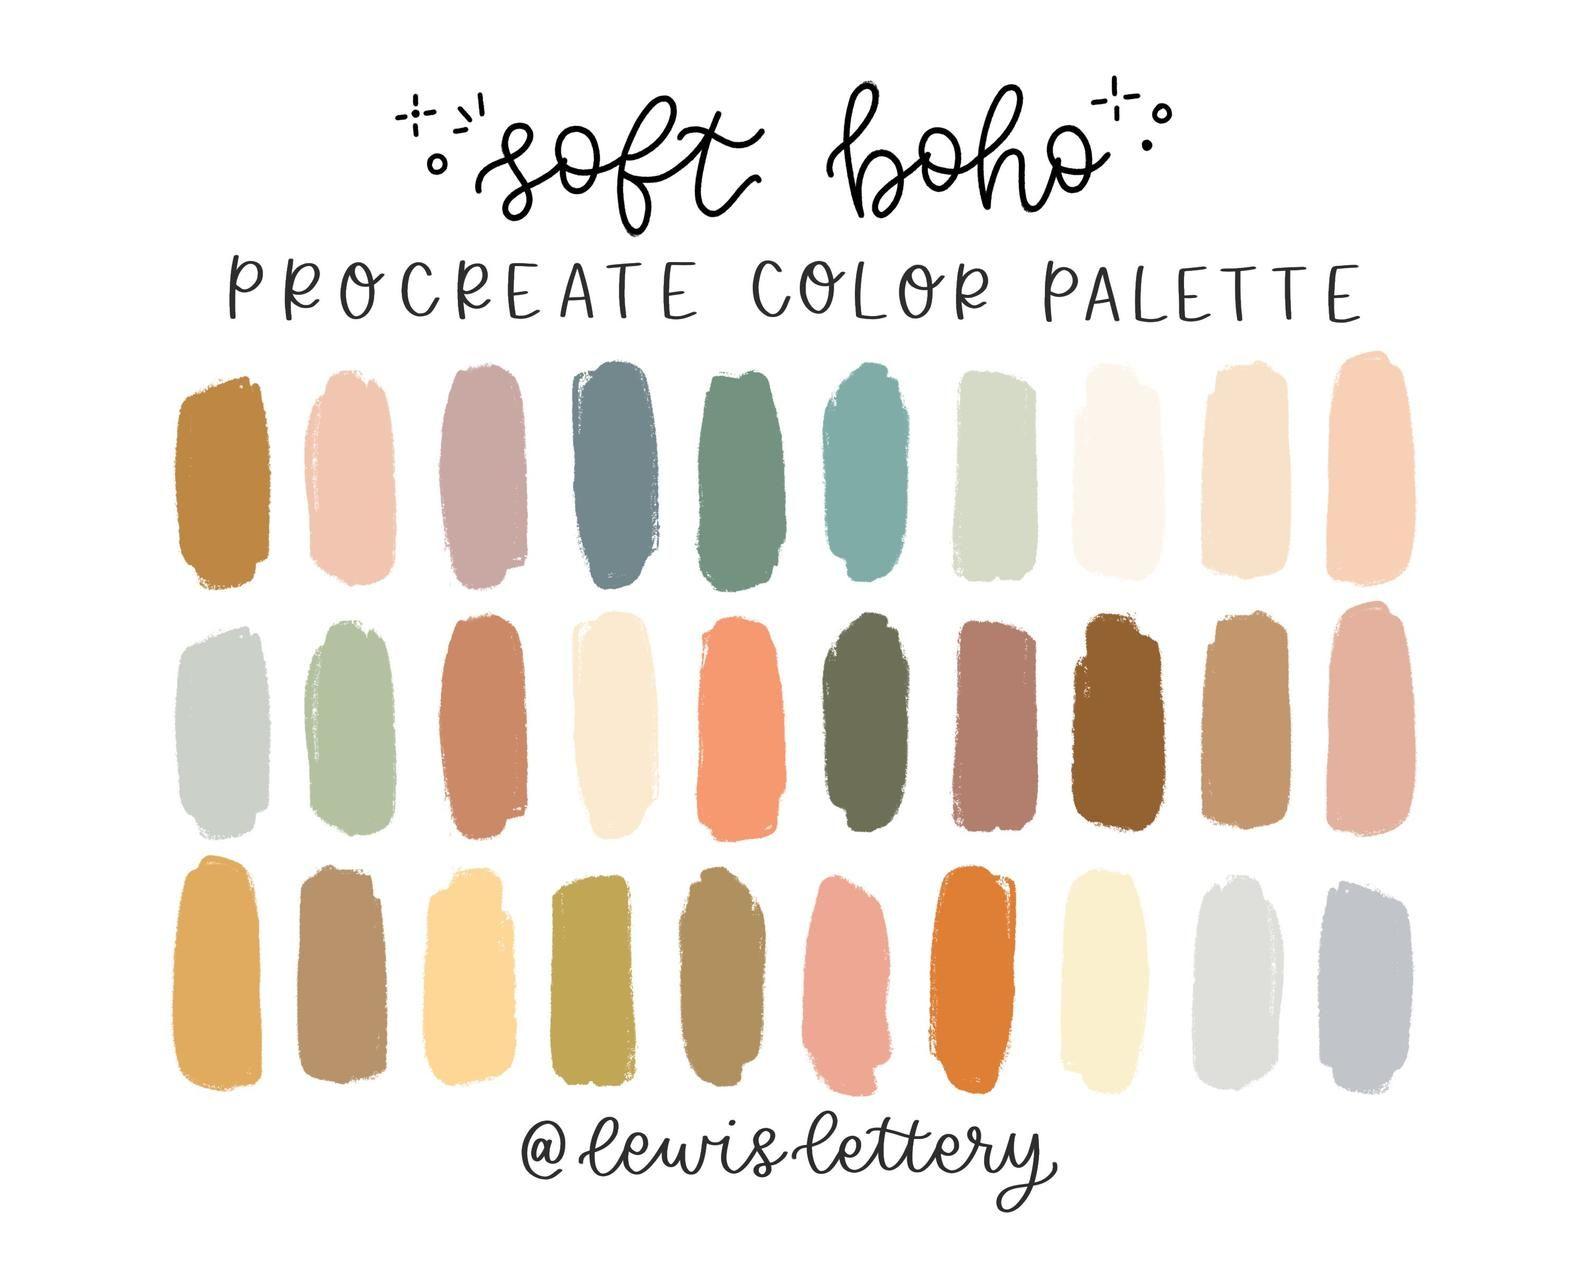 Soft Boho Procreate Color Palette Color Swatches Ipad Etsy In 2020 Color Palette Design Color Swatches Color Palette